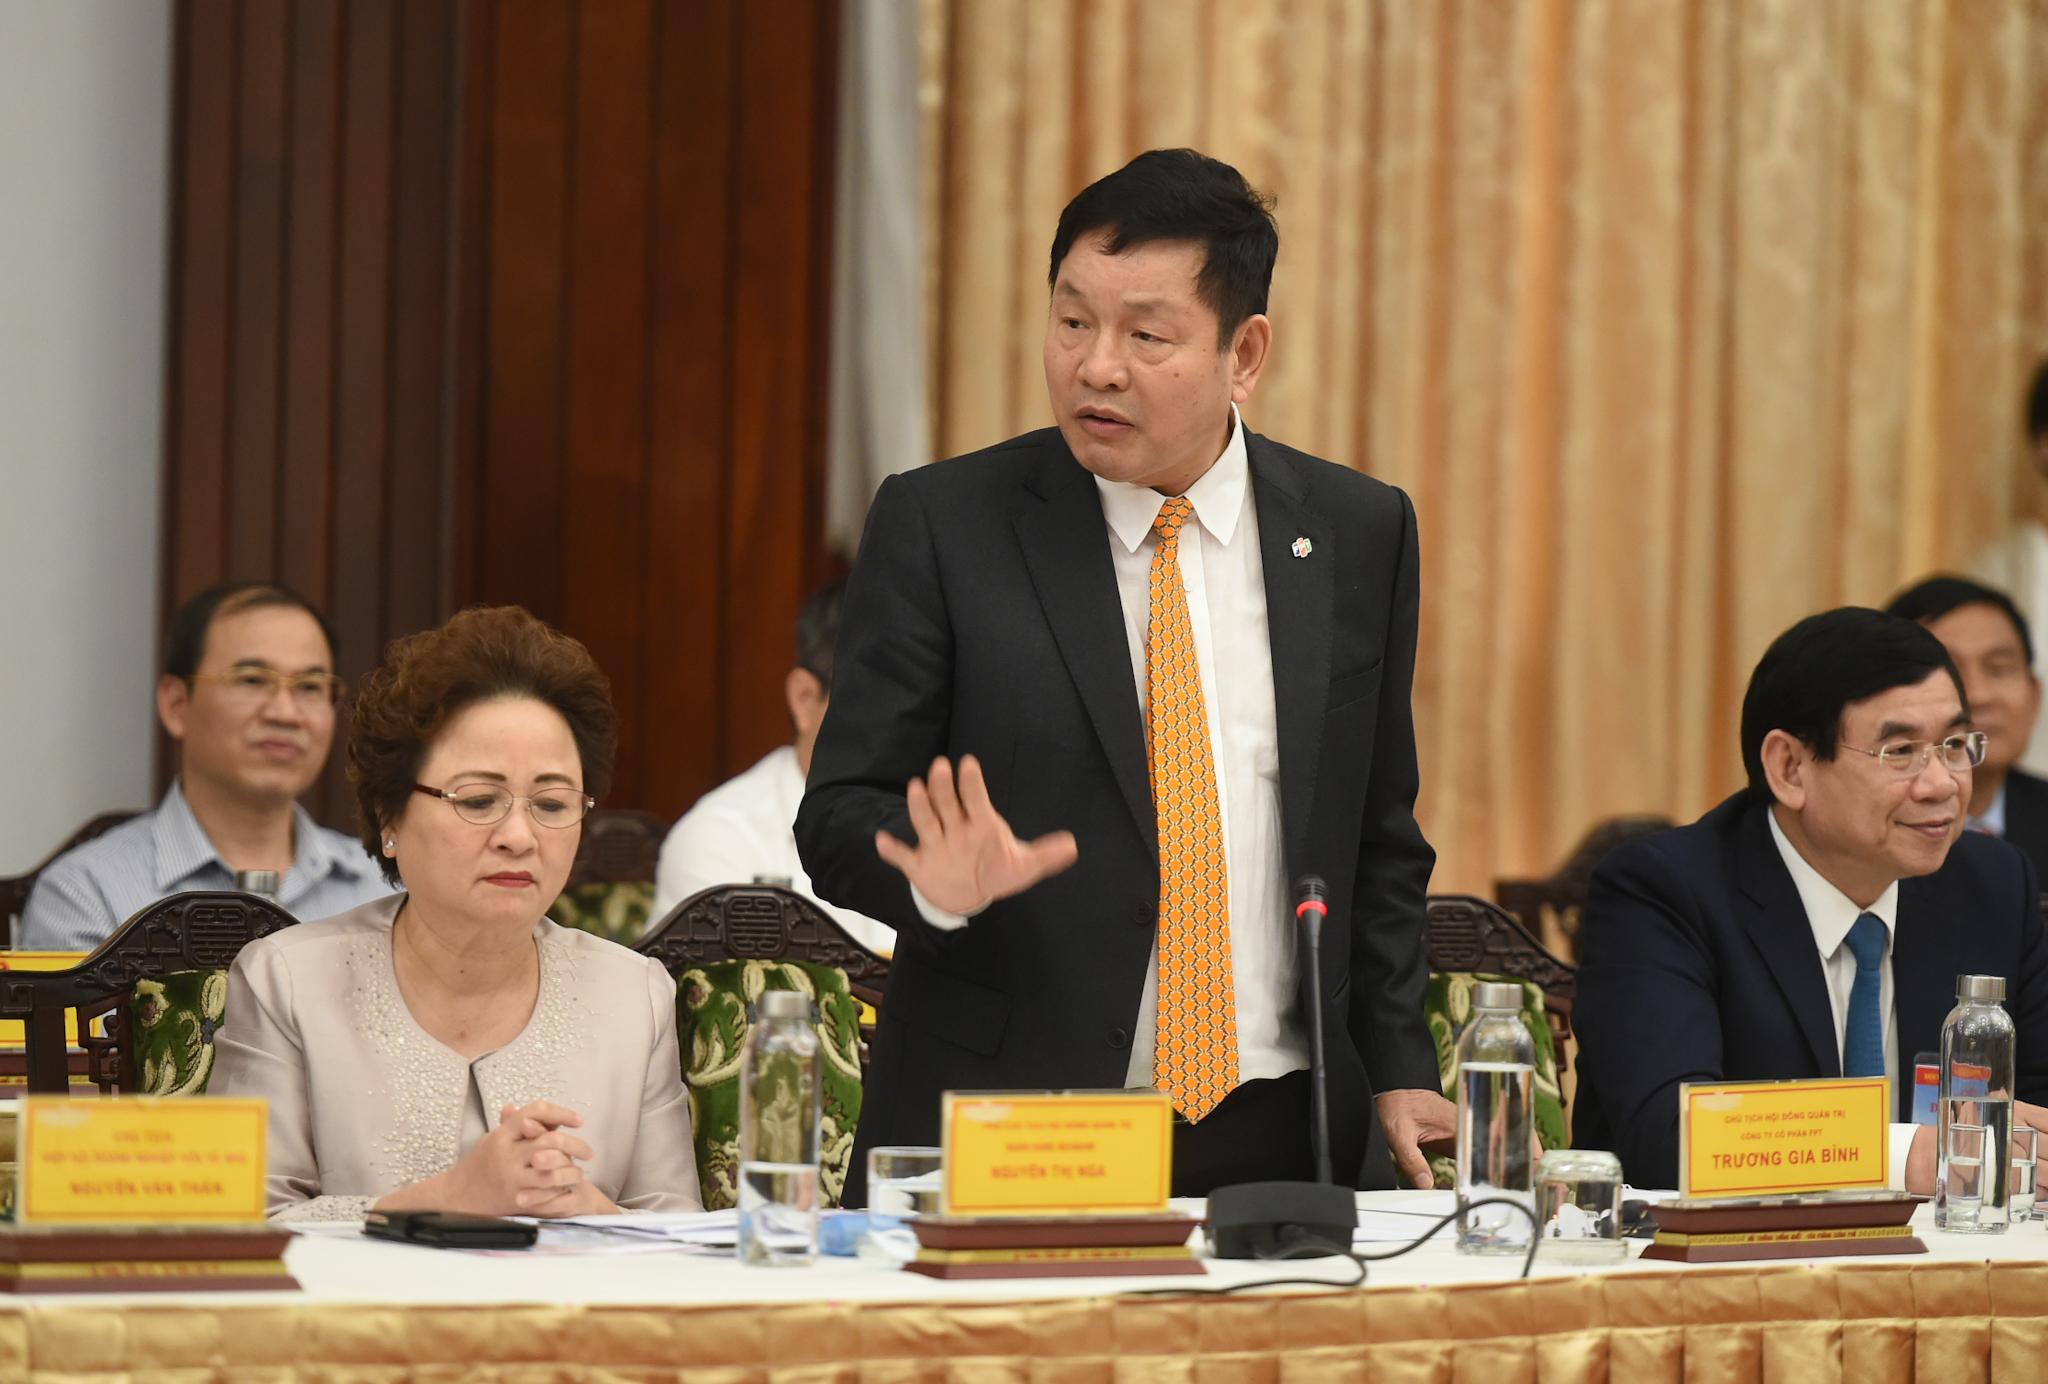 Ông Trương Gia Bình, Trưởng ban nghiên cứu phát triển kinh tế tư nhân, Chủ tịch tập đoàn FPT. Ảnh: VGP/Quang Hiếu